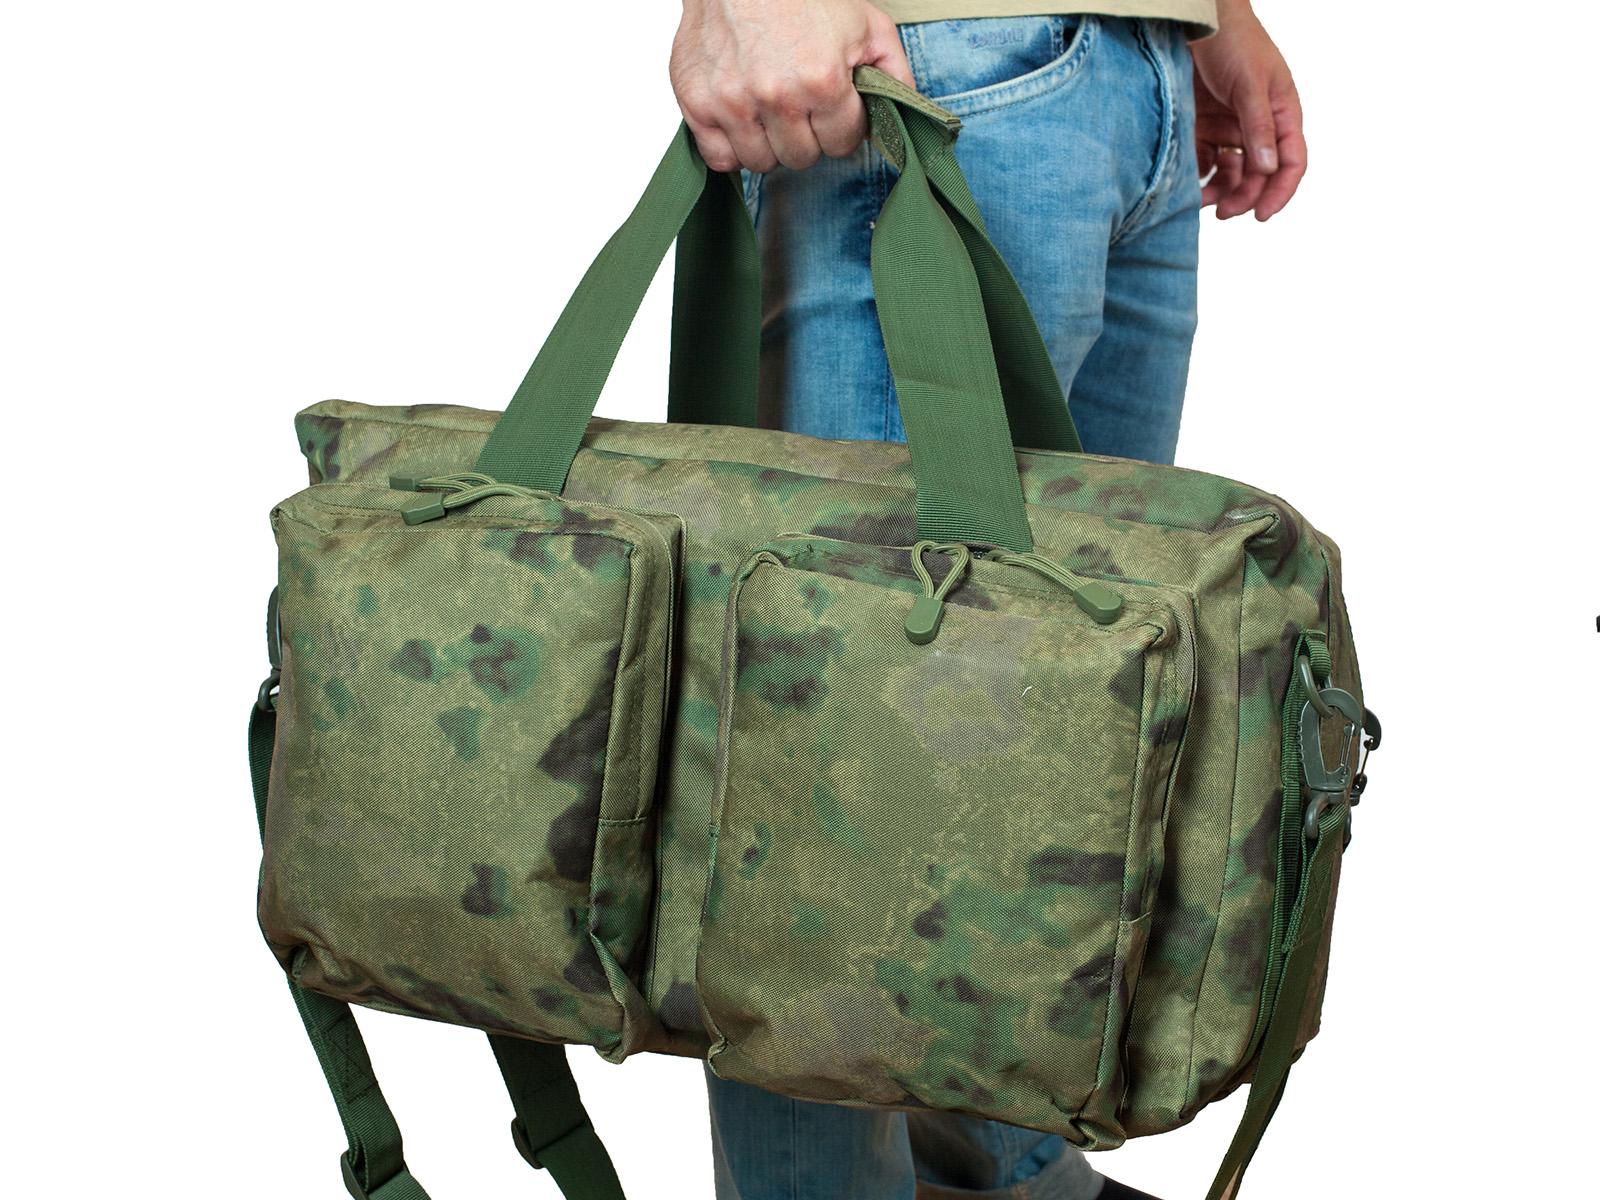 Заплечная камуфляжная сумка с нашивкой Ни пуха, Ни пера - заказать в розницу